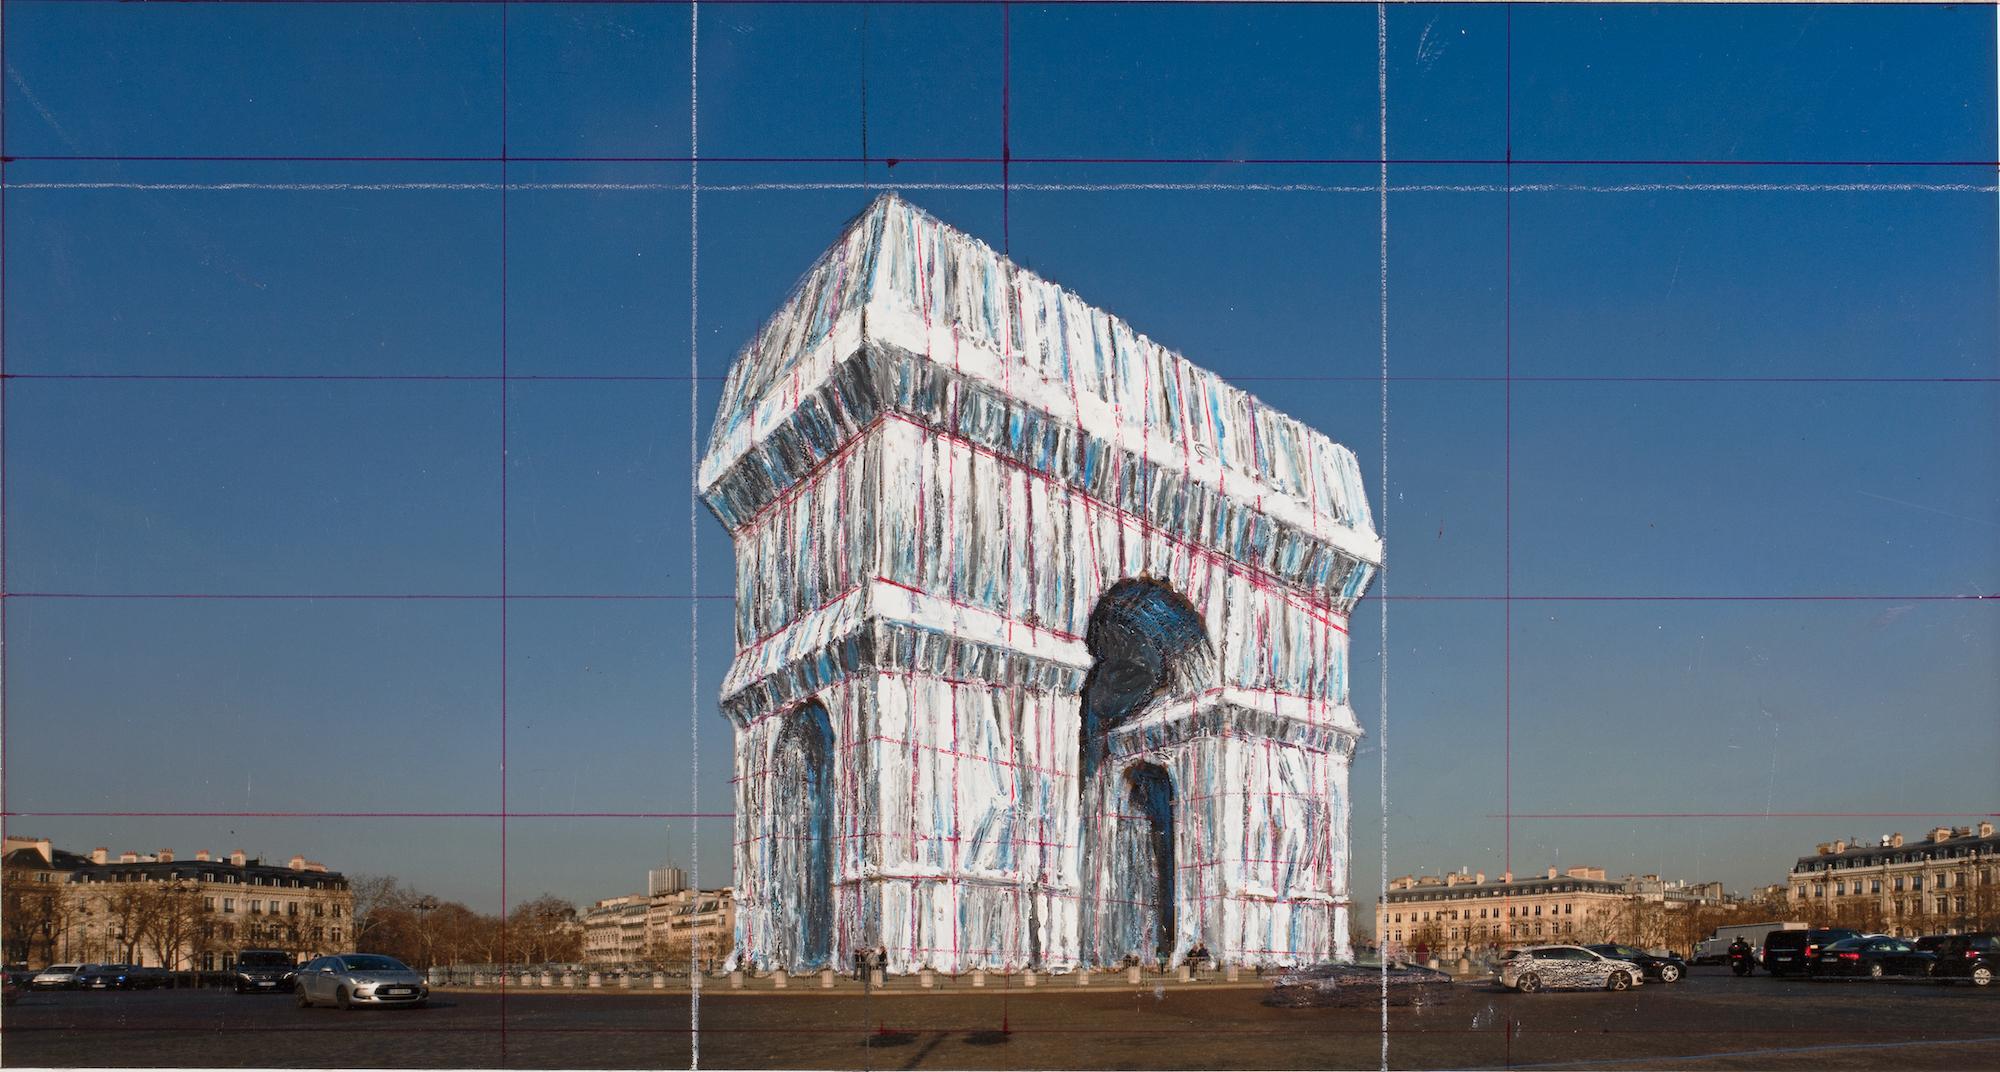 L'Arc de Triomphe impacchettato di Christo, in arrivo nel 2020.